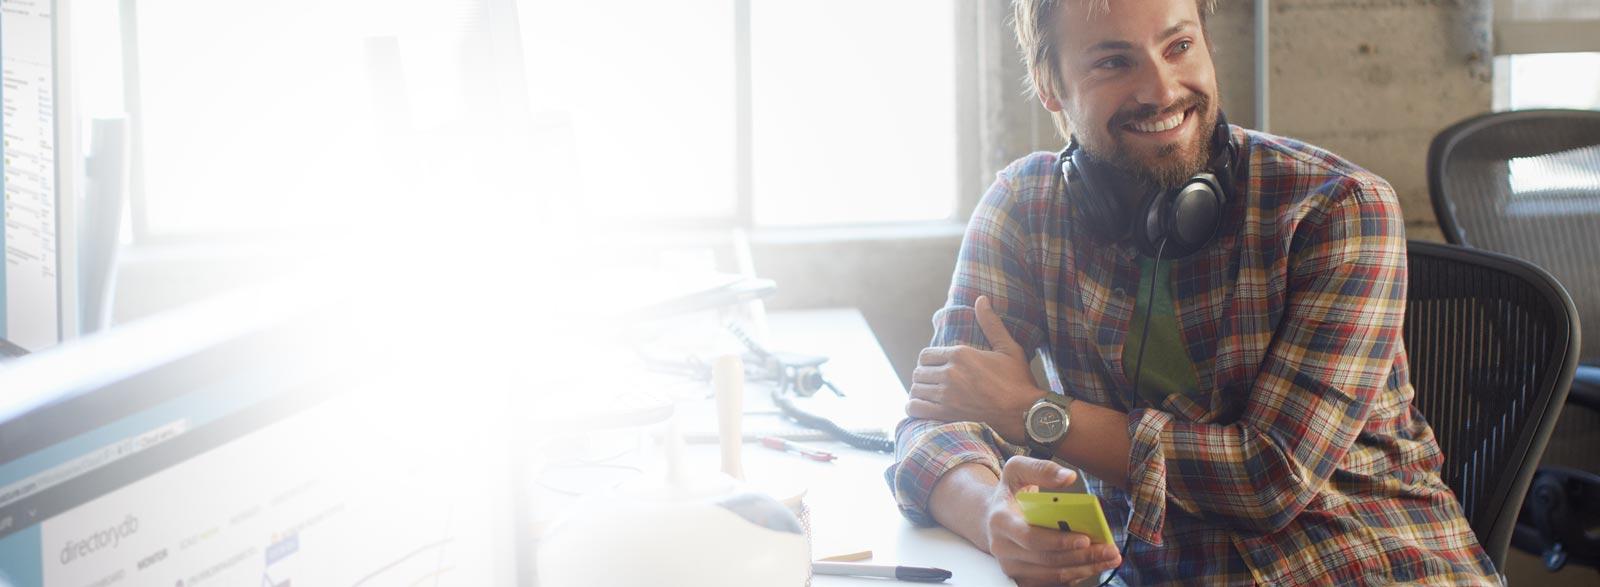 Nutzen Sie die neuesten Produktivitätstools und Dienste für die Zusammenarbeit mit Office 365 Enterprise E1.